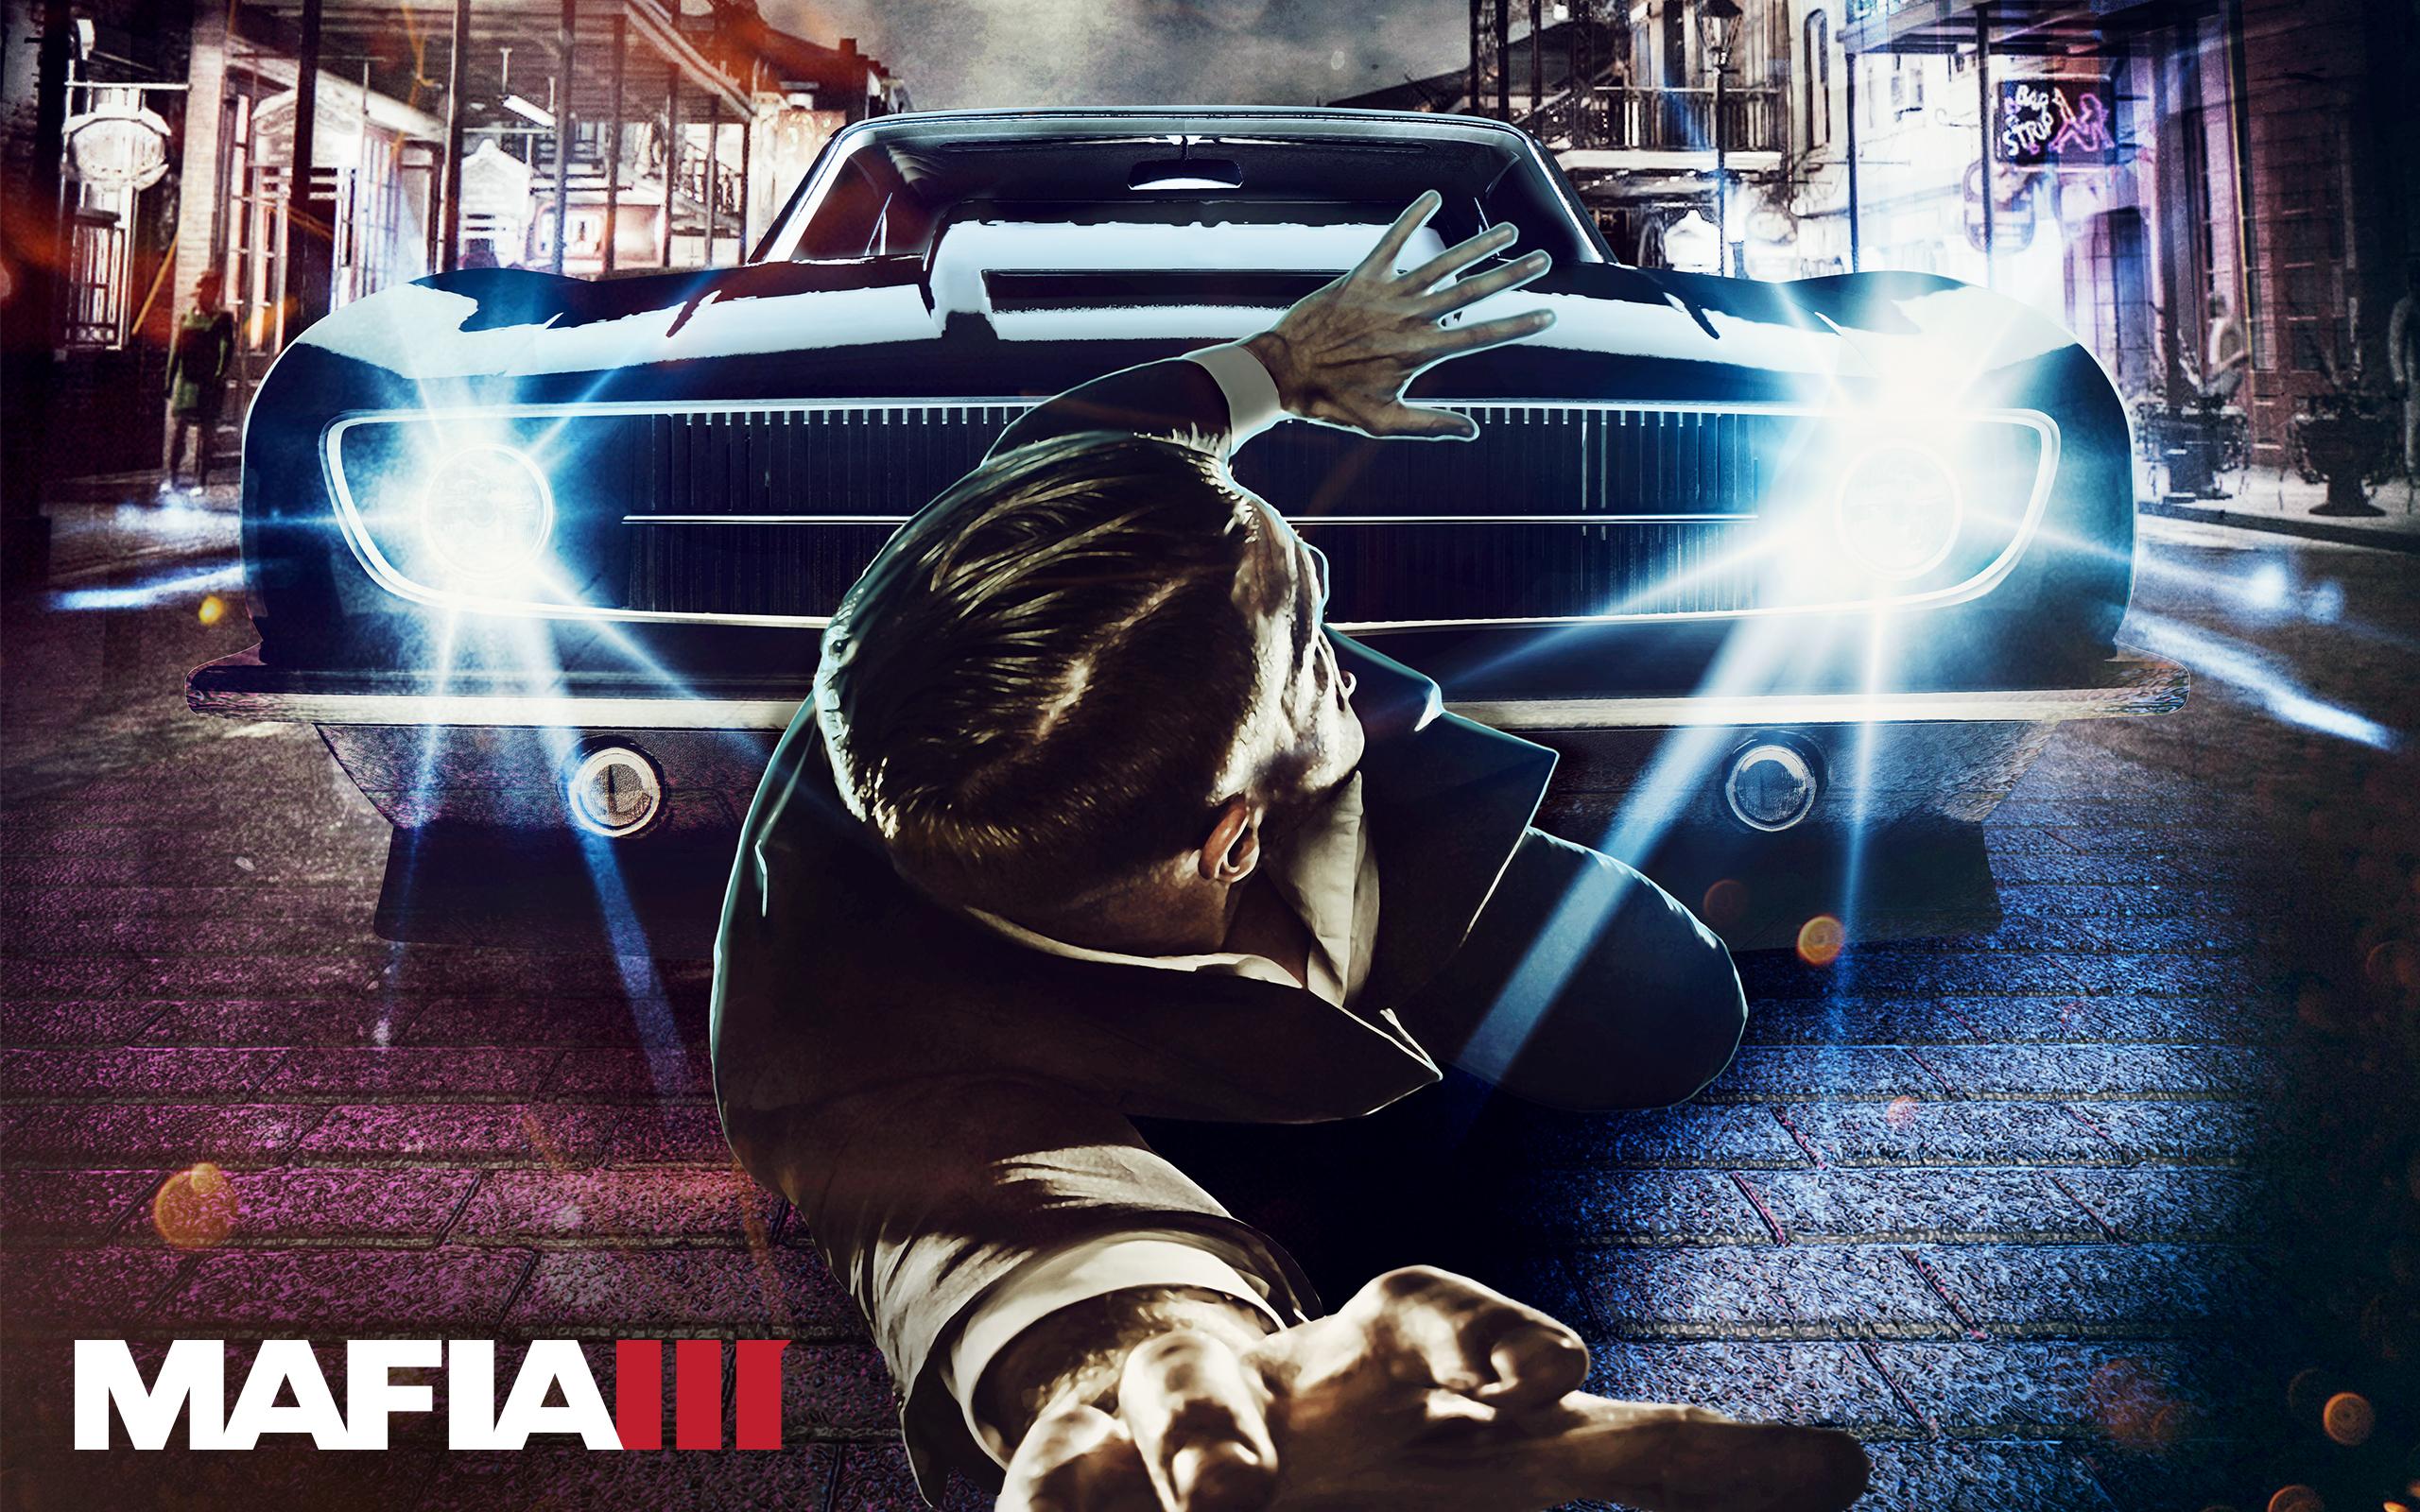 mafia 3 free download full version for pc